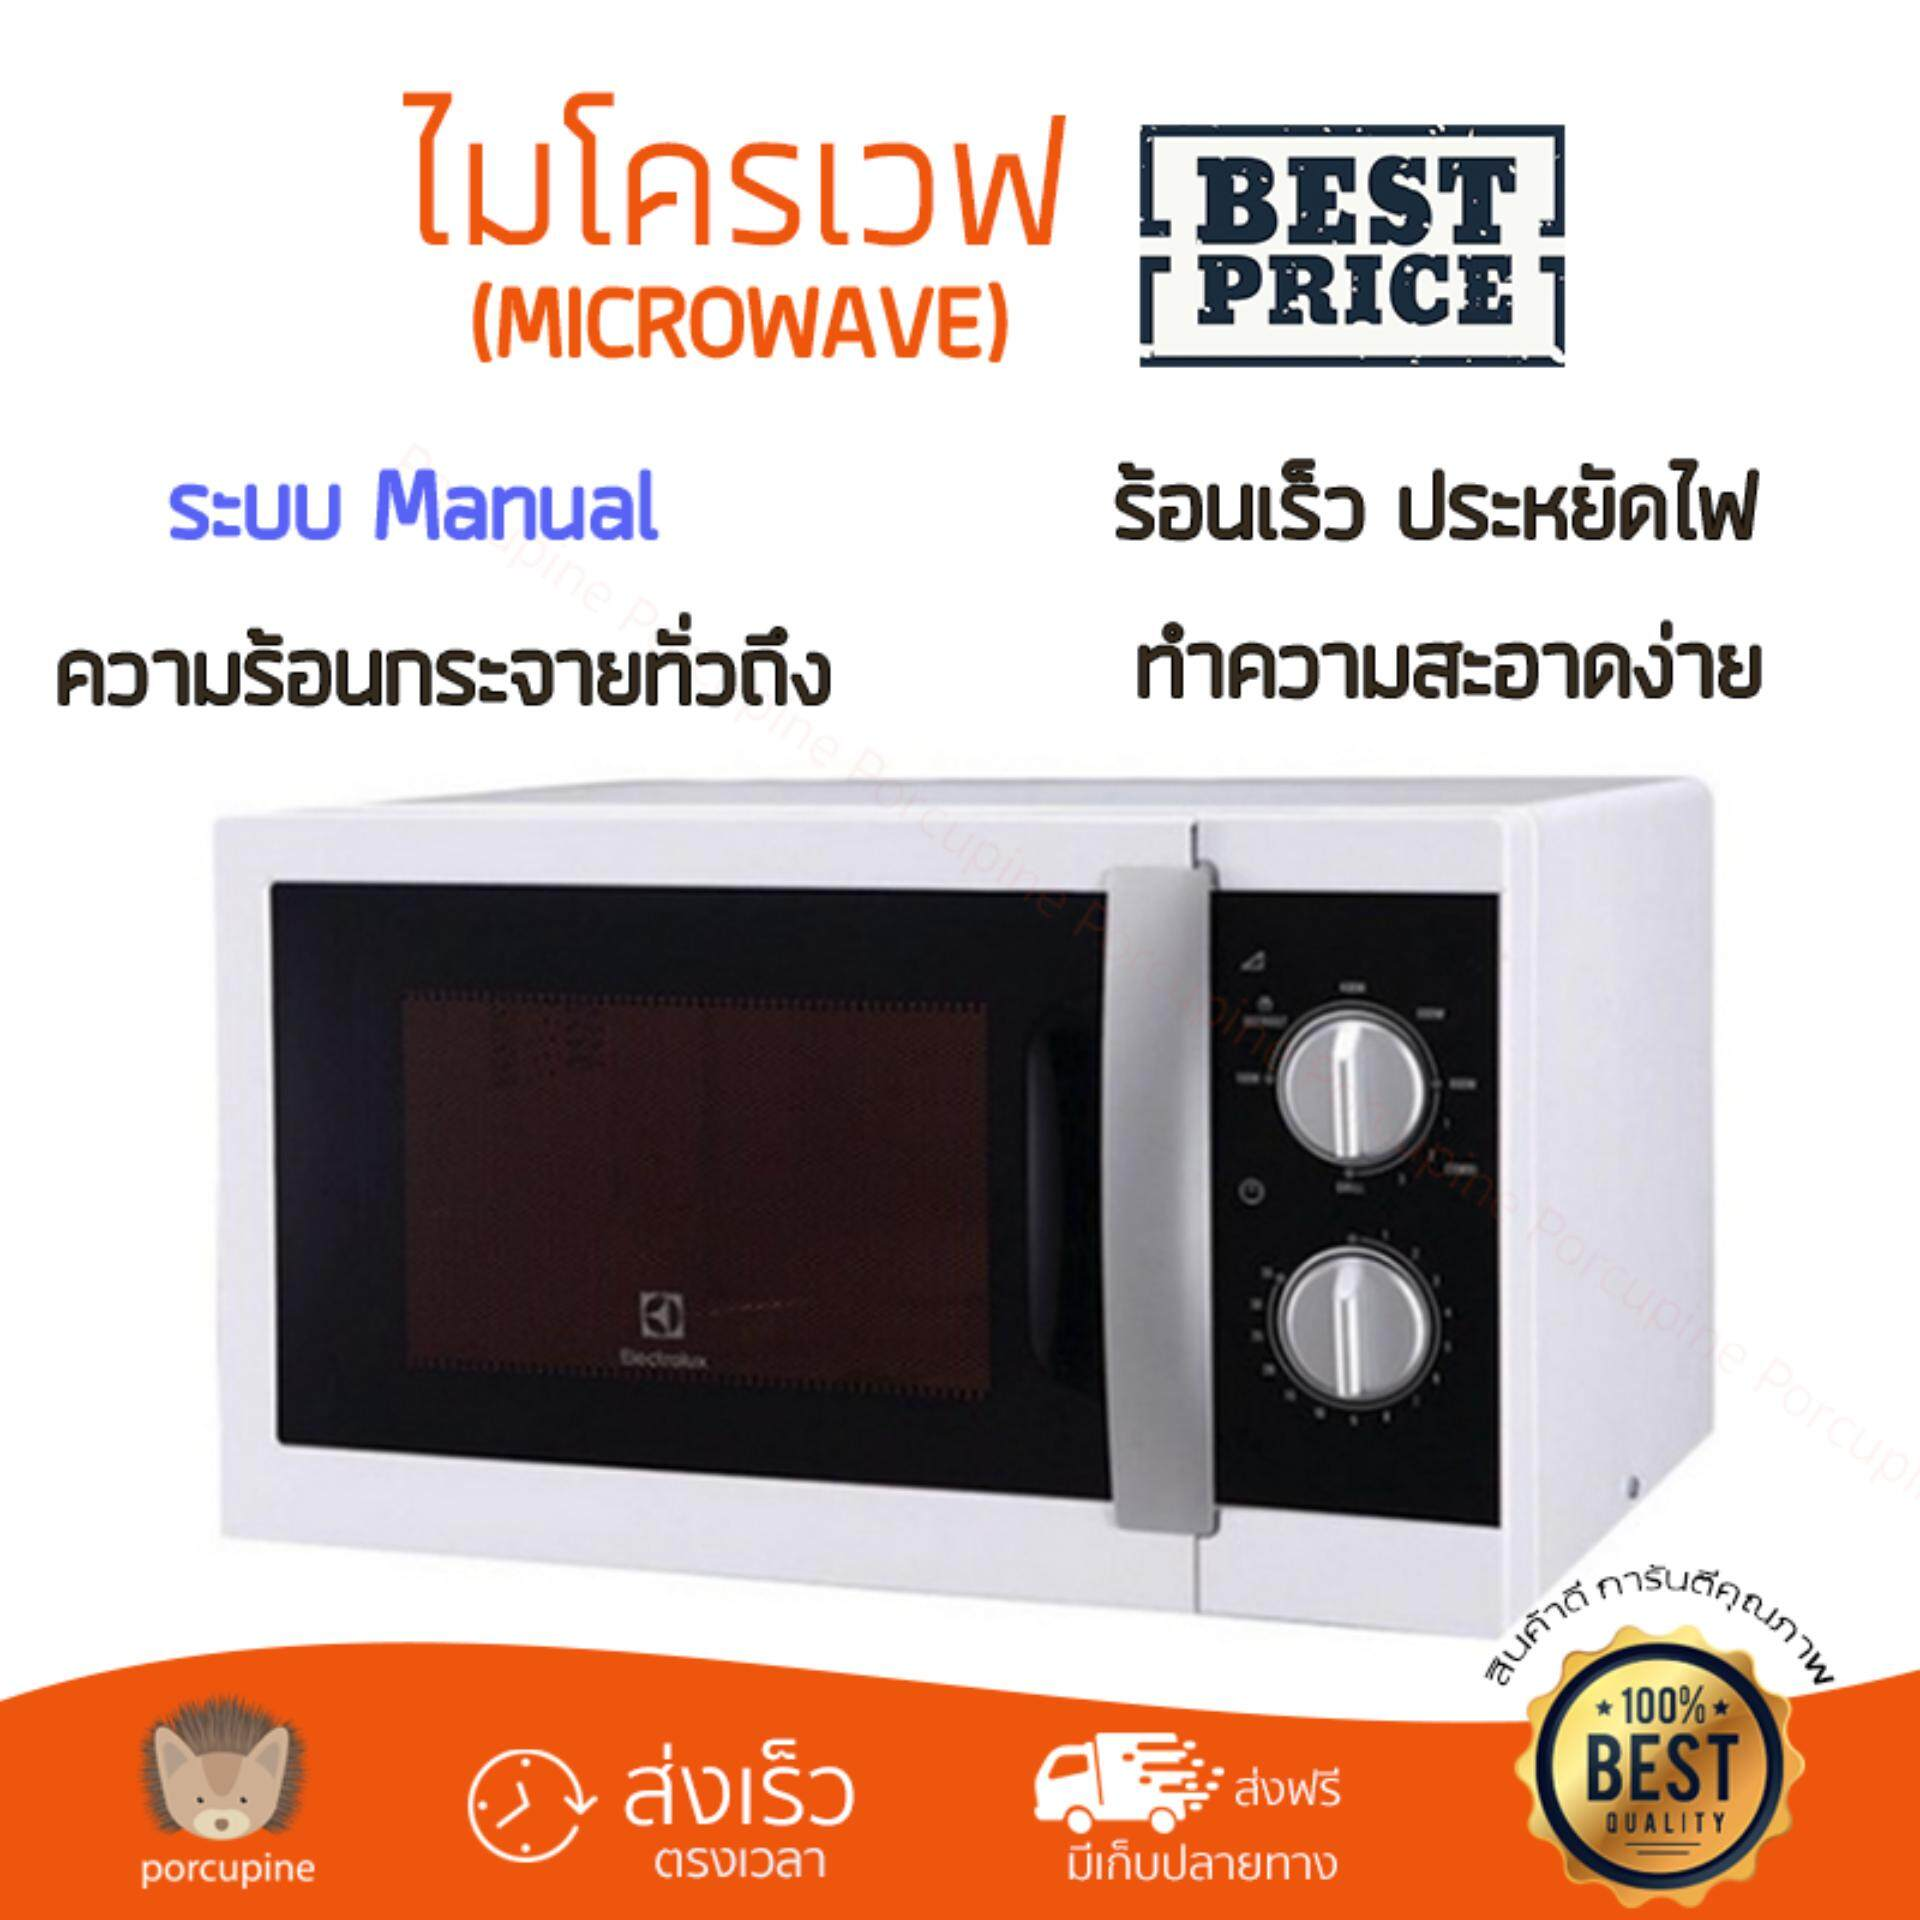 รุ่นใหม่ล่าสุด ไมโครเวฟ เตาอบไมโครเวฟ ไมโครเวฟ ELECTROLUXEMM2101GW 21L | ELECTROLUX | EMM2101GW ปรับระดับความร้อนได้หลายระดับ มีฟังก์ชันละลายน้ำแข็ง ใช้งานง่าย Microwave จัดส่งฟรีทั่วประเทศ